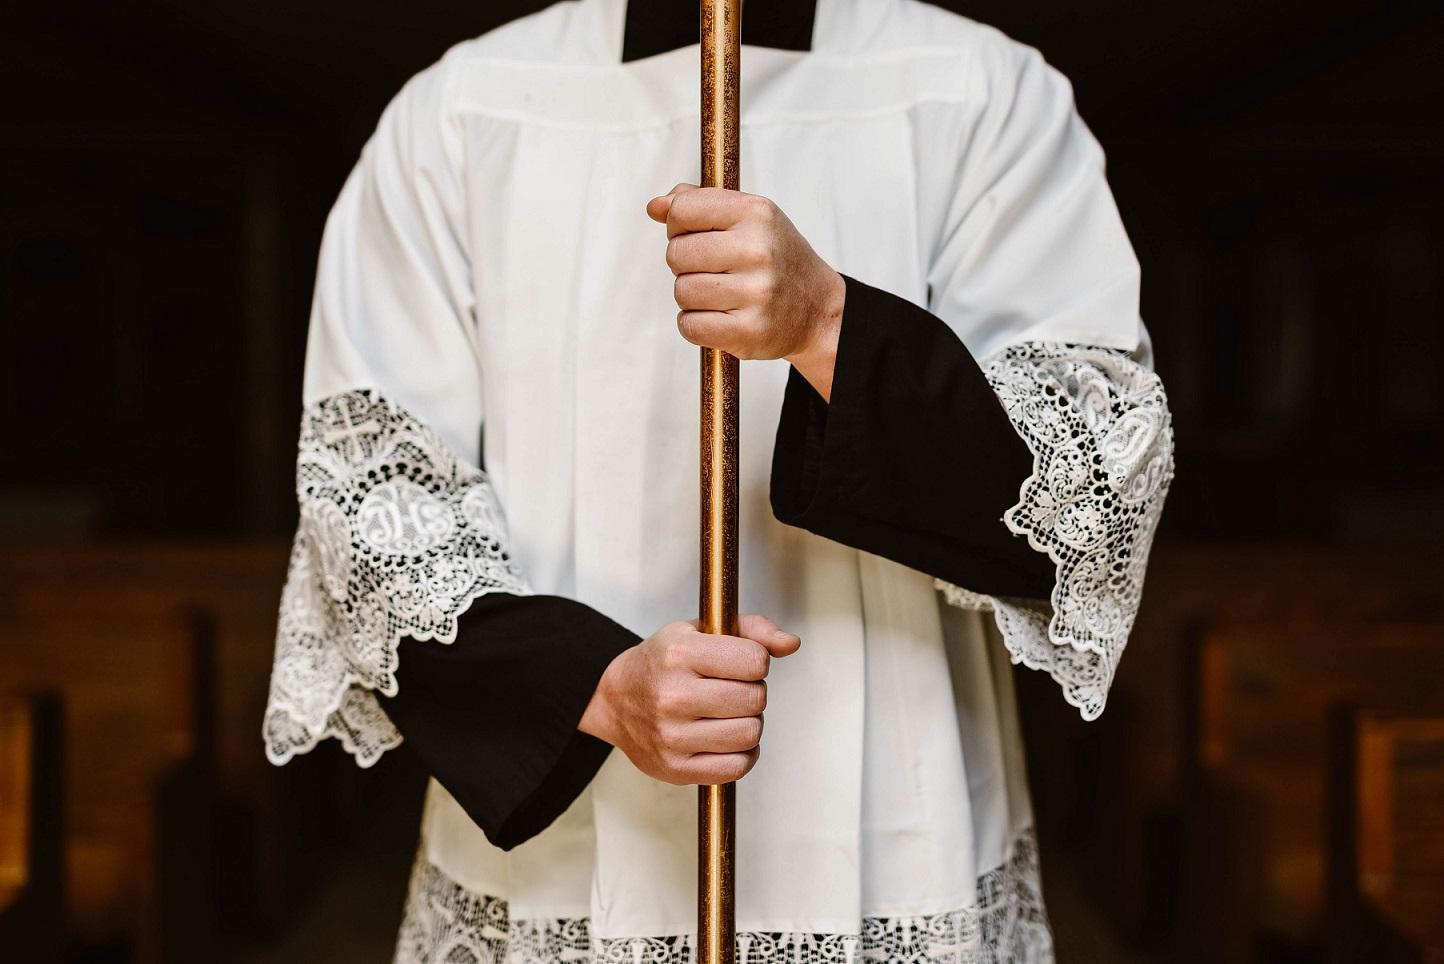 Begrüßung bei der Erstkommunion der Gemeinde St. Michael